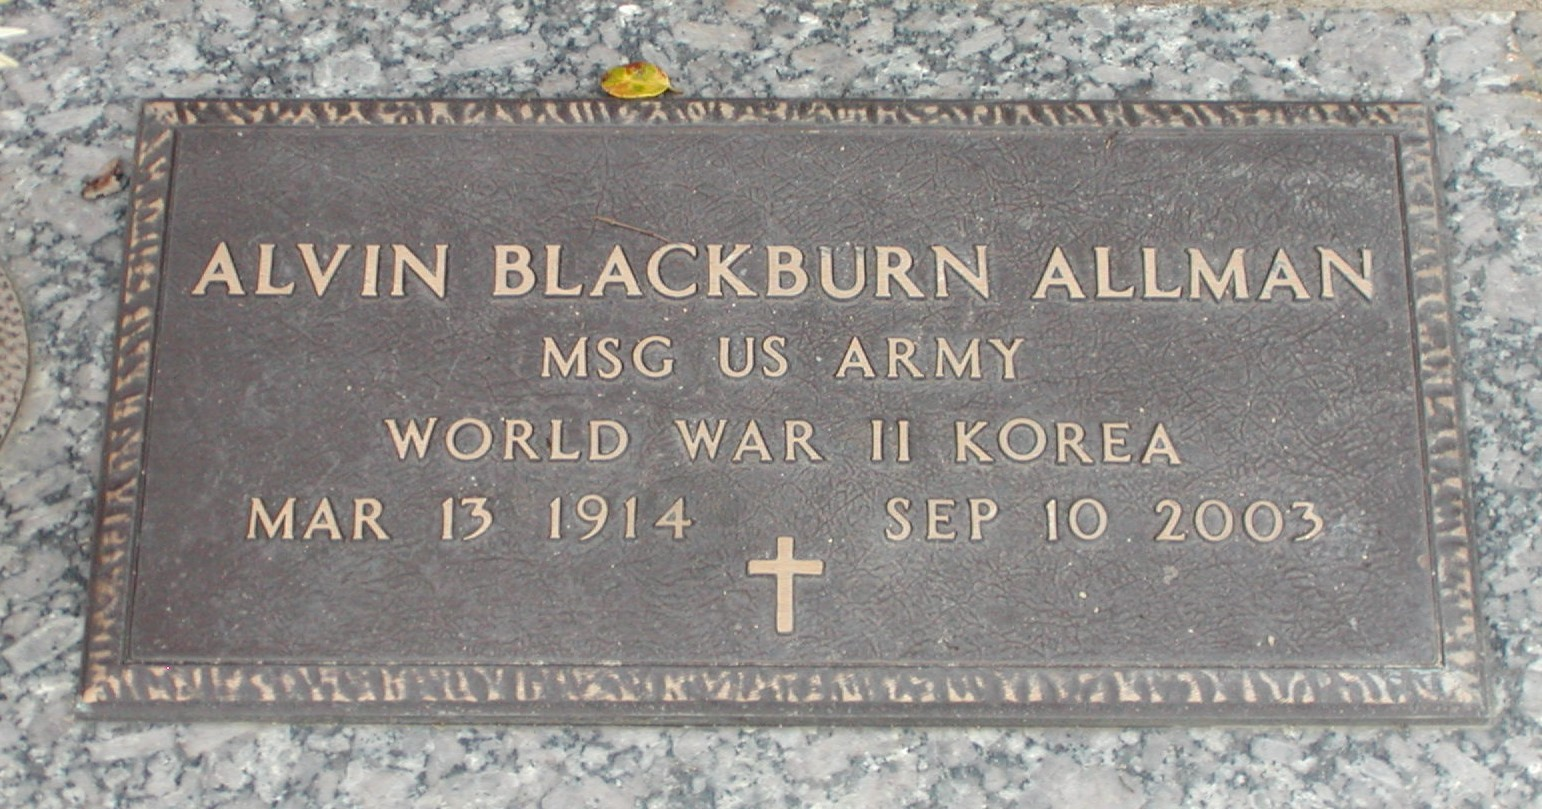 Alvin Blackburn Allman